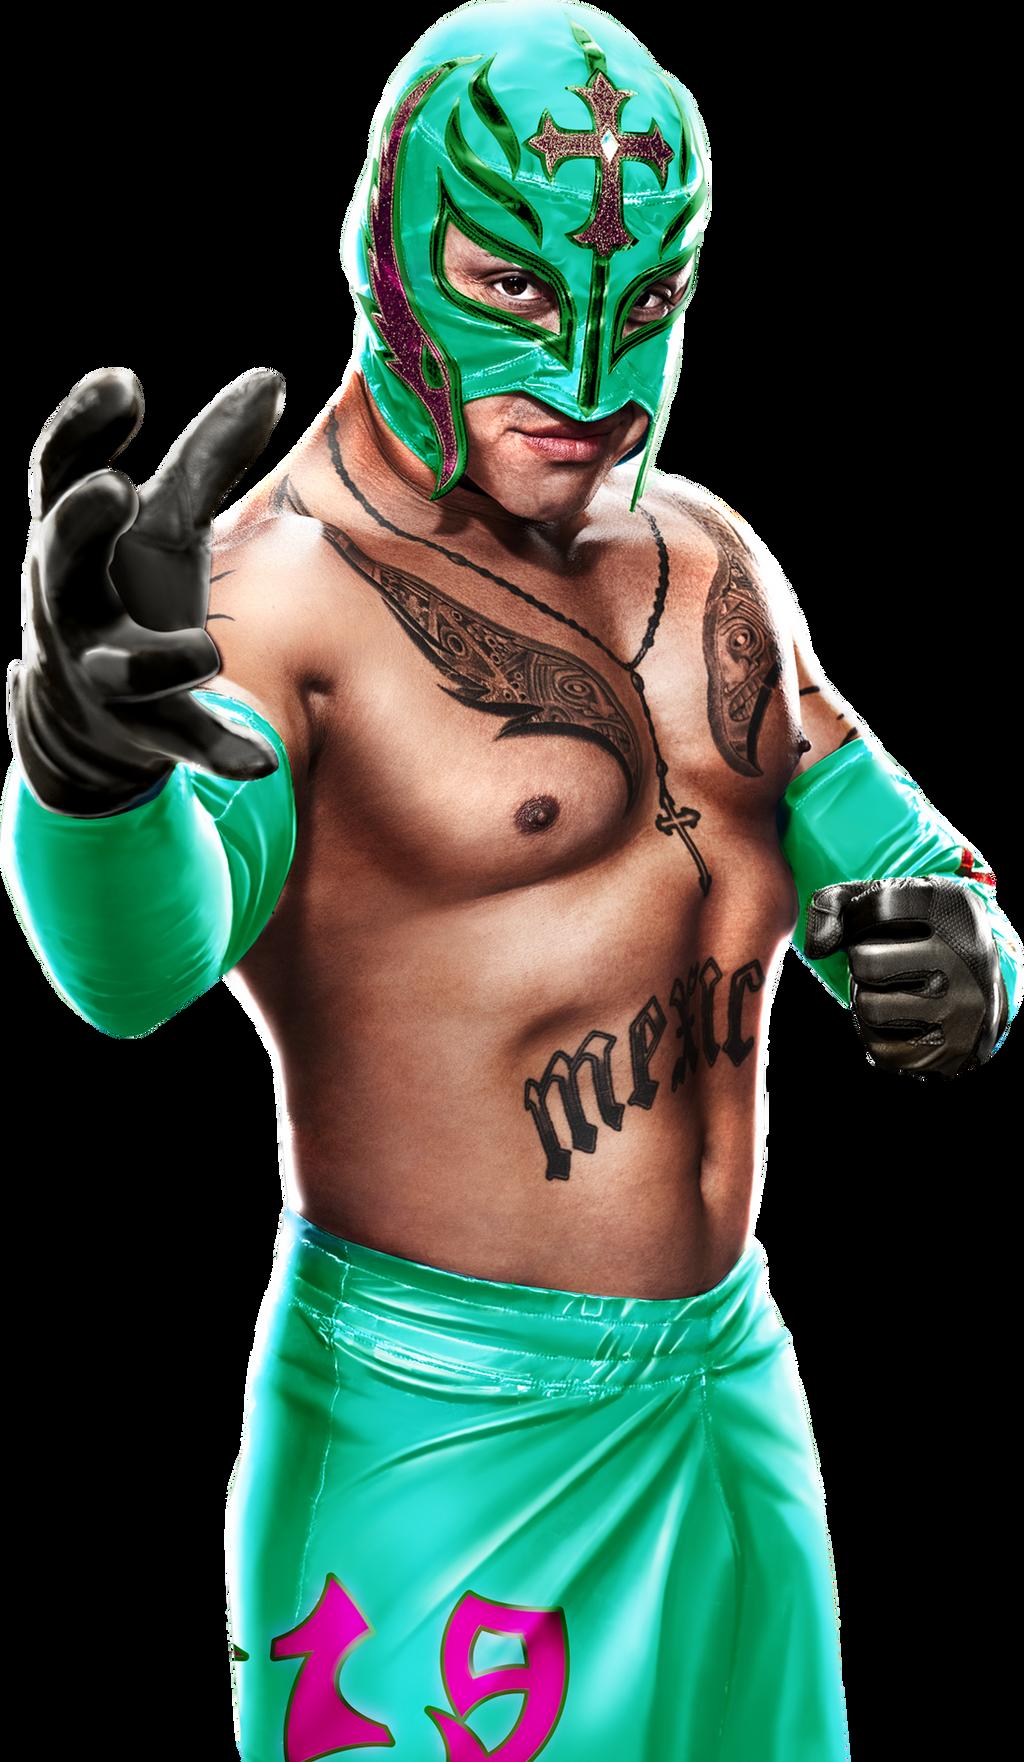 Rey Mysterio Render 1 by BLACKrangers123 on DeviantArt